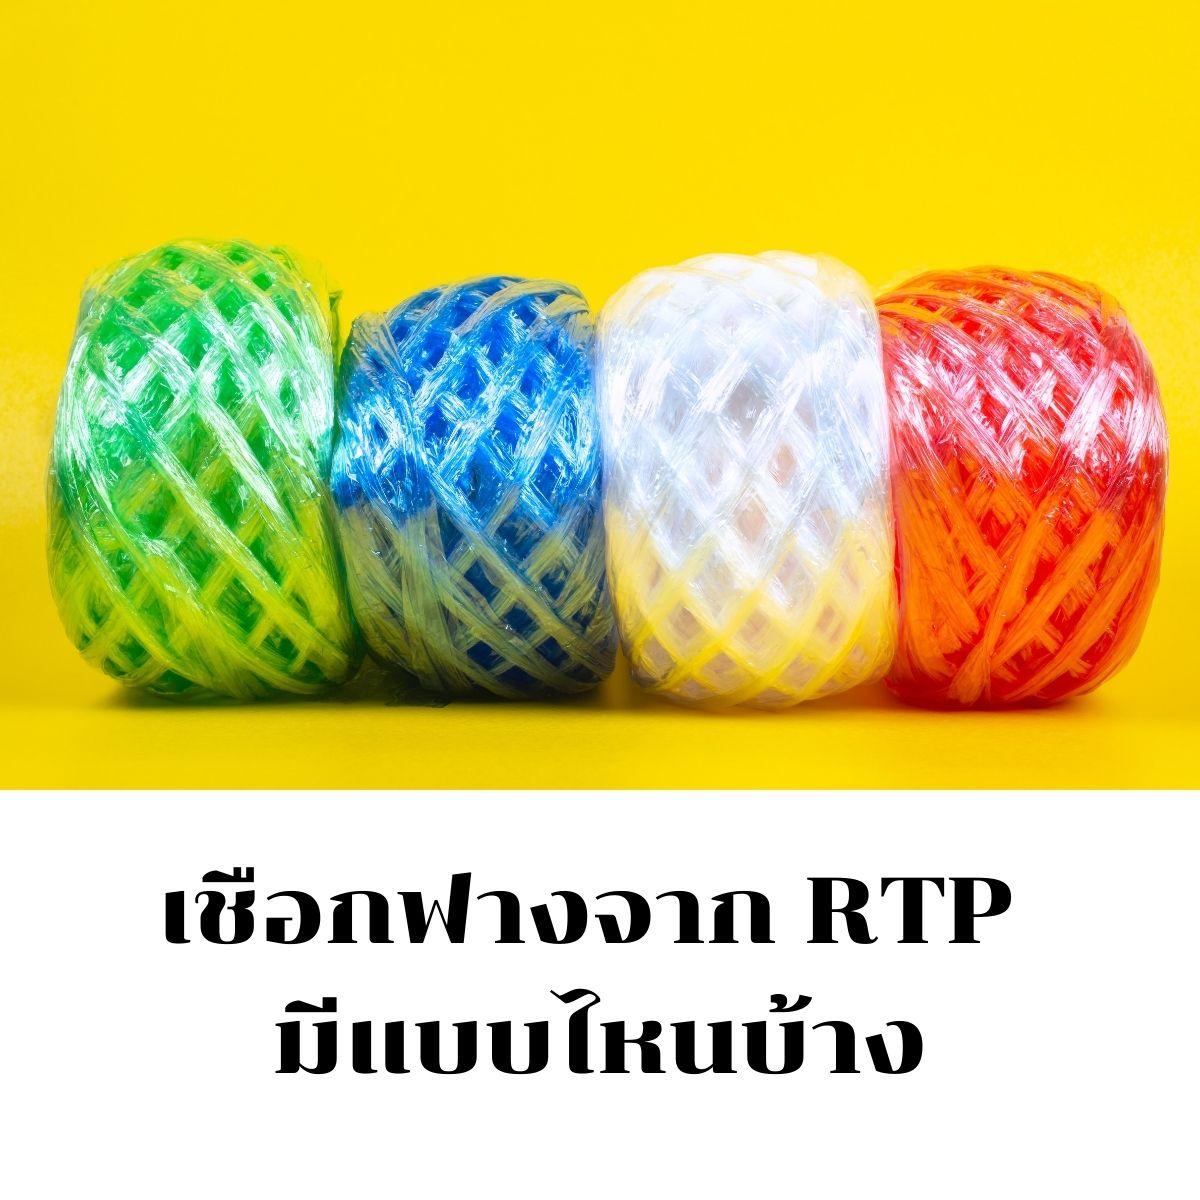 เชือกฟางจาก RTP มีแบบไหนบ้าง